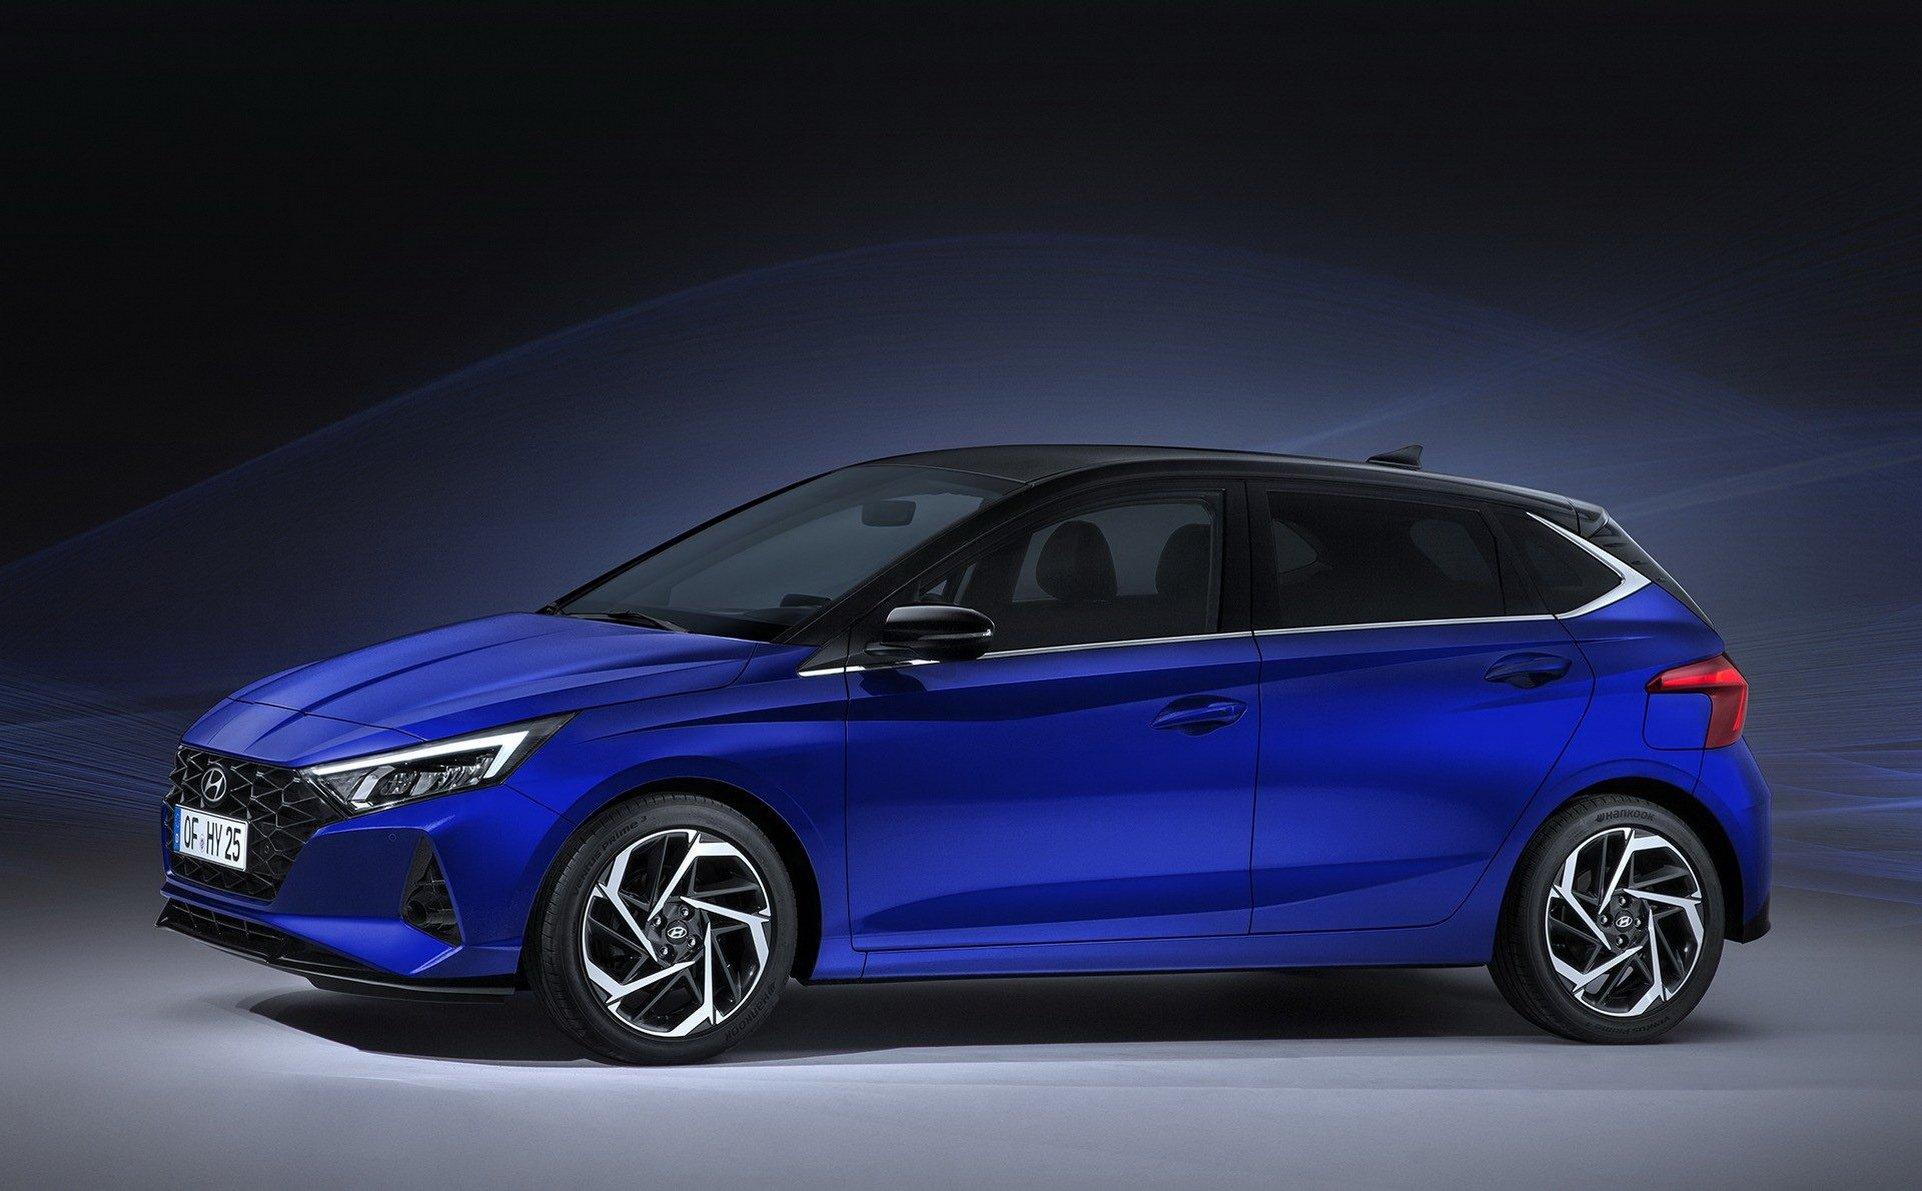 В Сеть попал новый тизер «заряженного» хэтчбека Hyundai i20